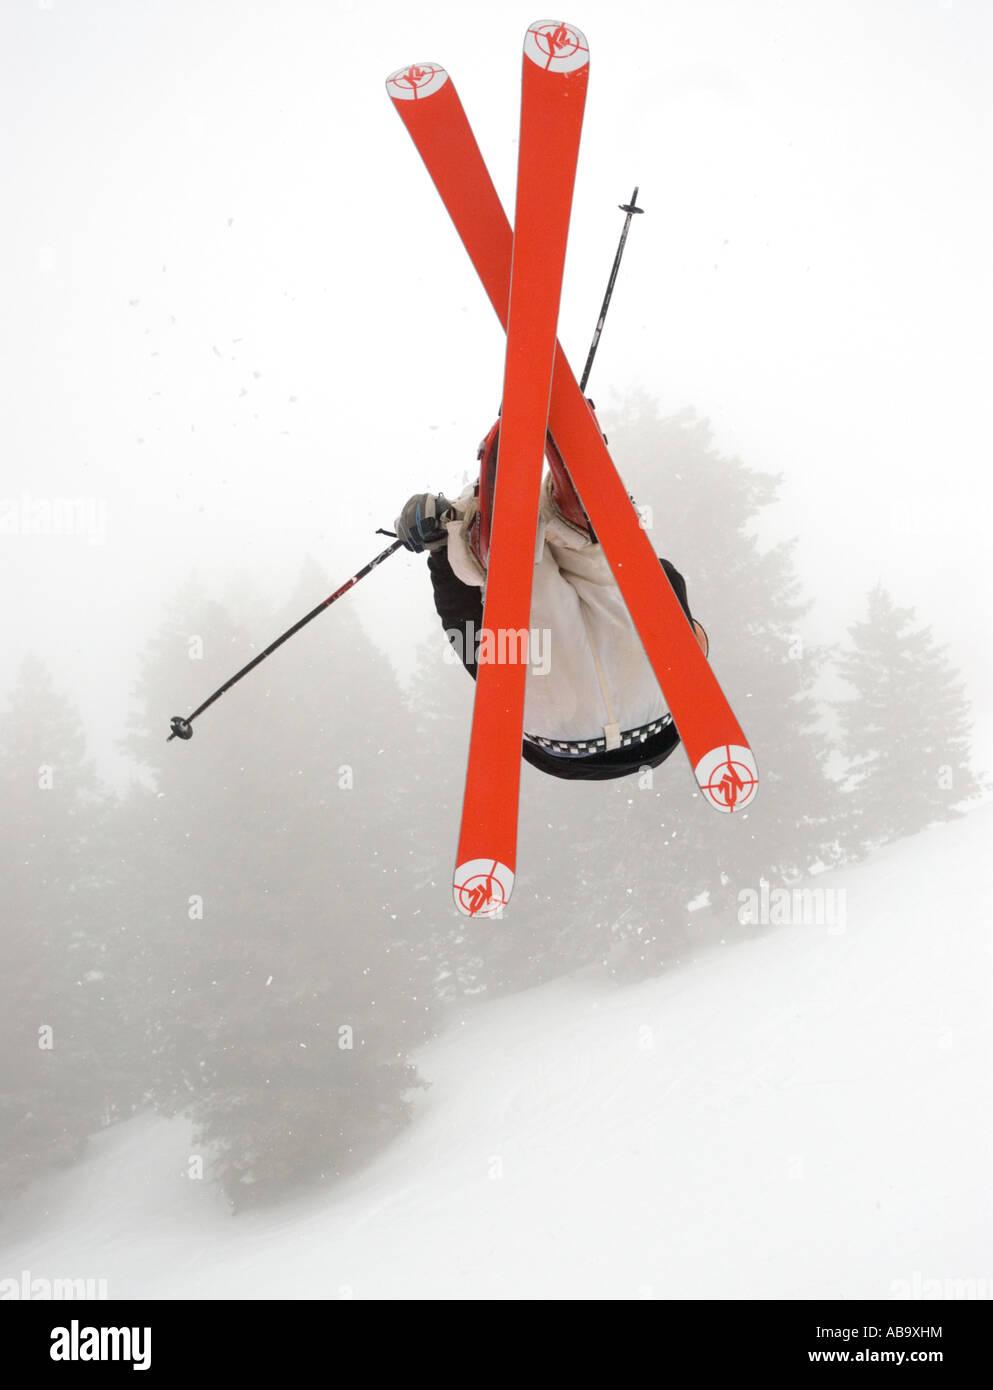 Idaho Bogus Basin Resort un skieur de l'air prises sur une journée d'hiver Photo Stock